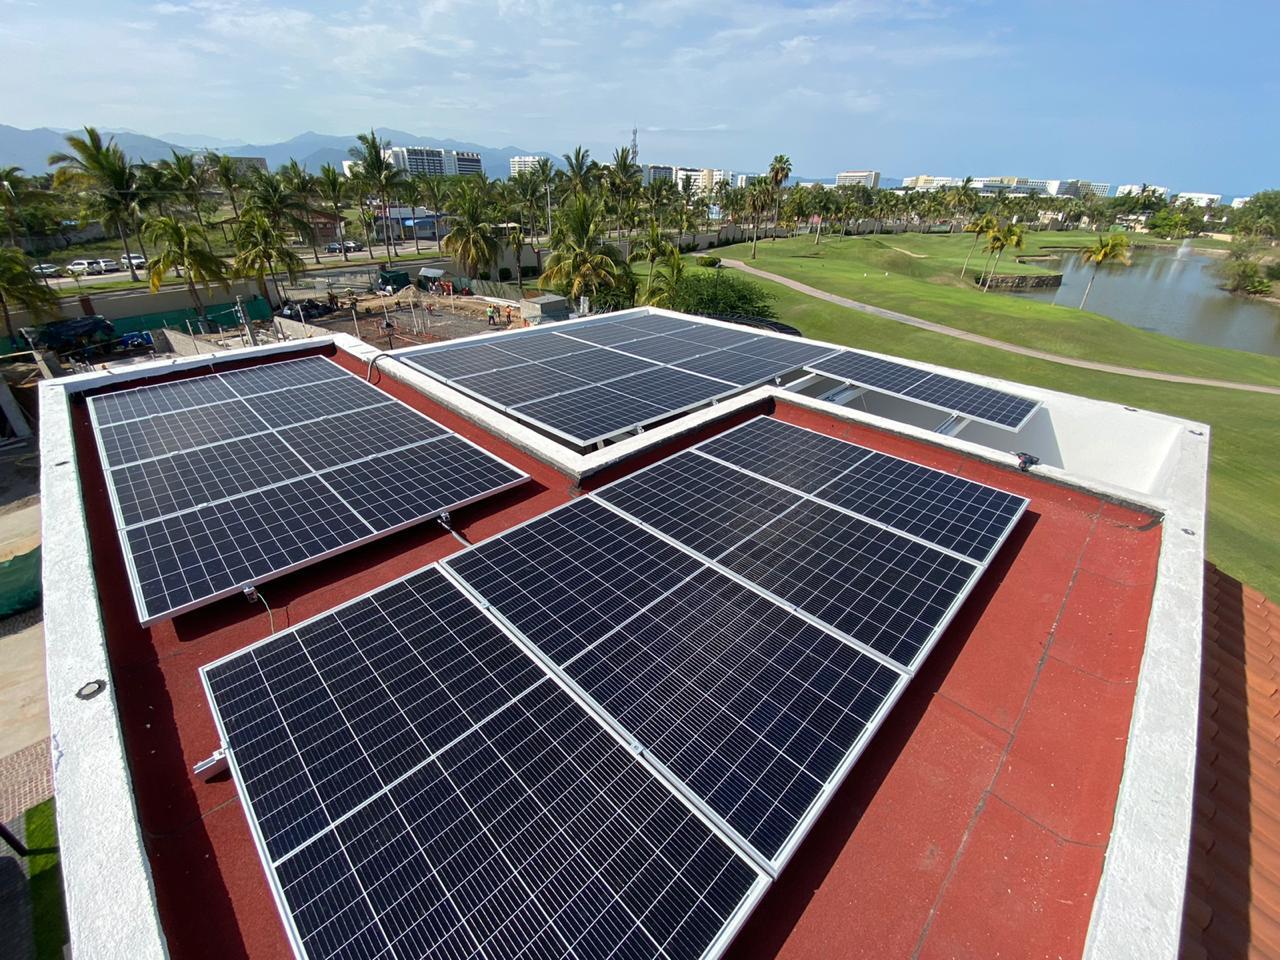 410w on grid system солнечные элементы,солнечные модули,солнечные батареи